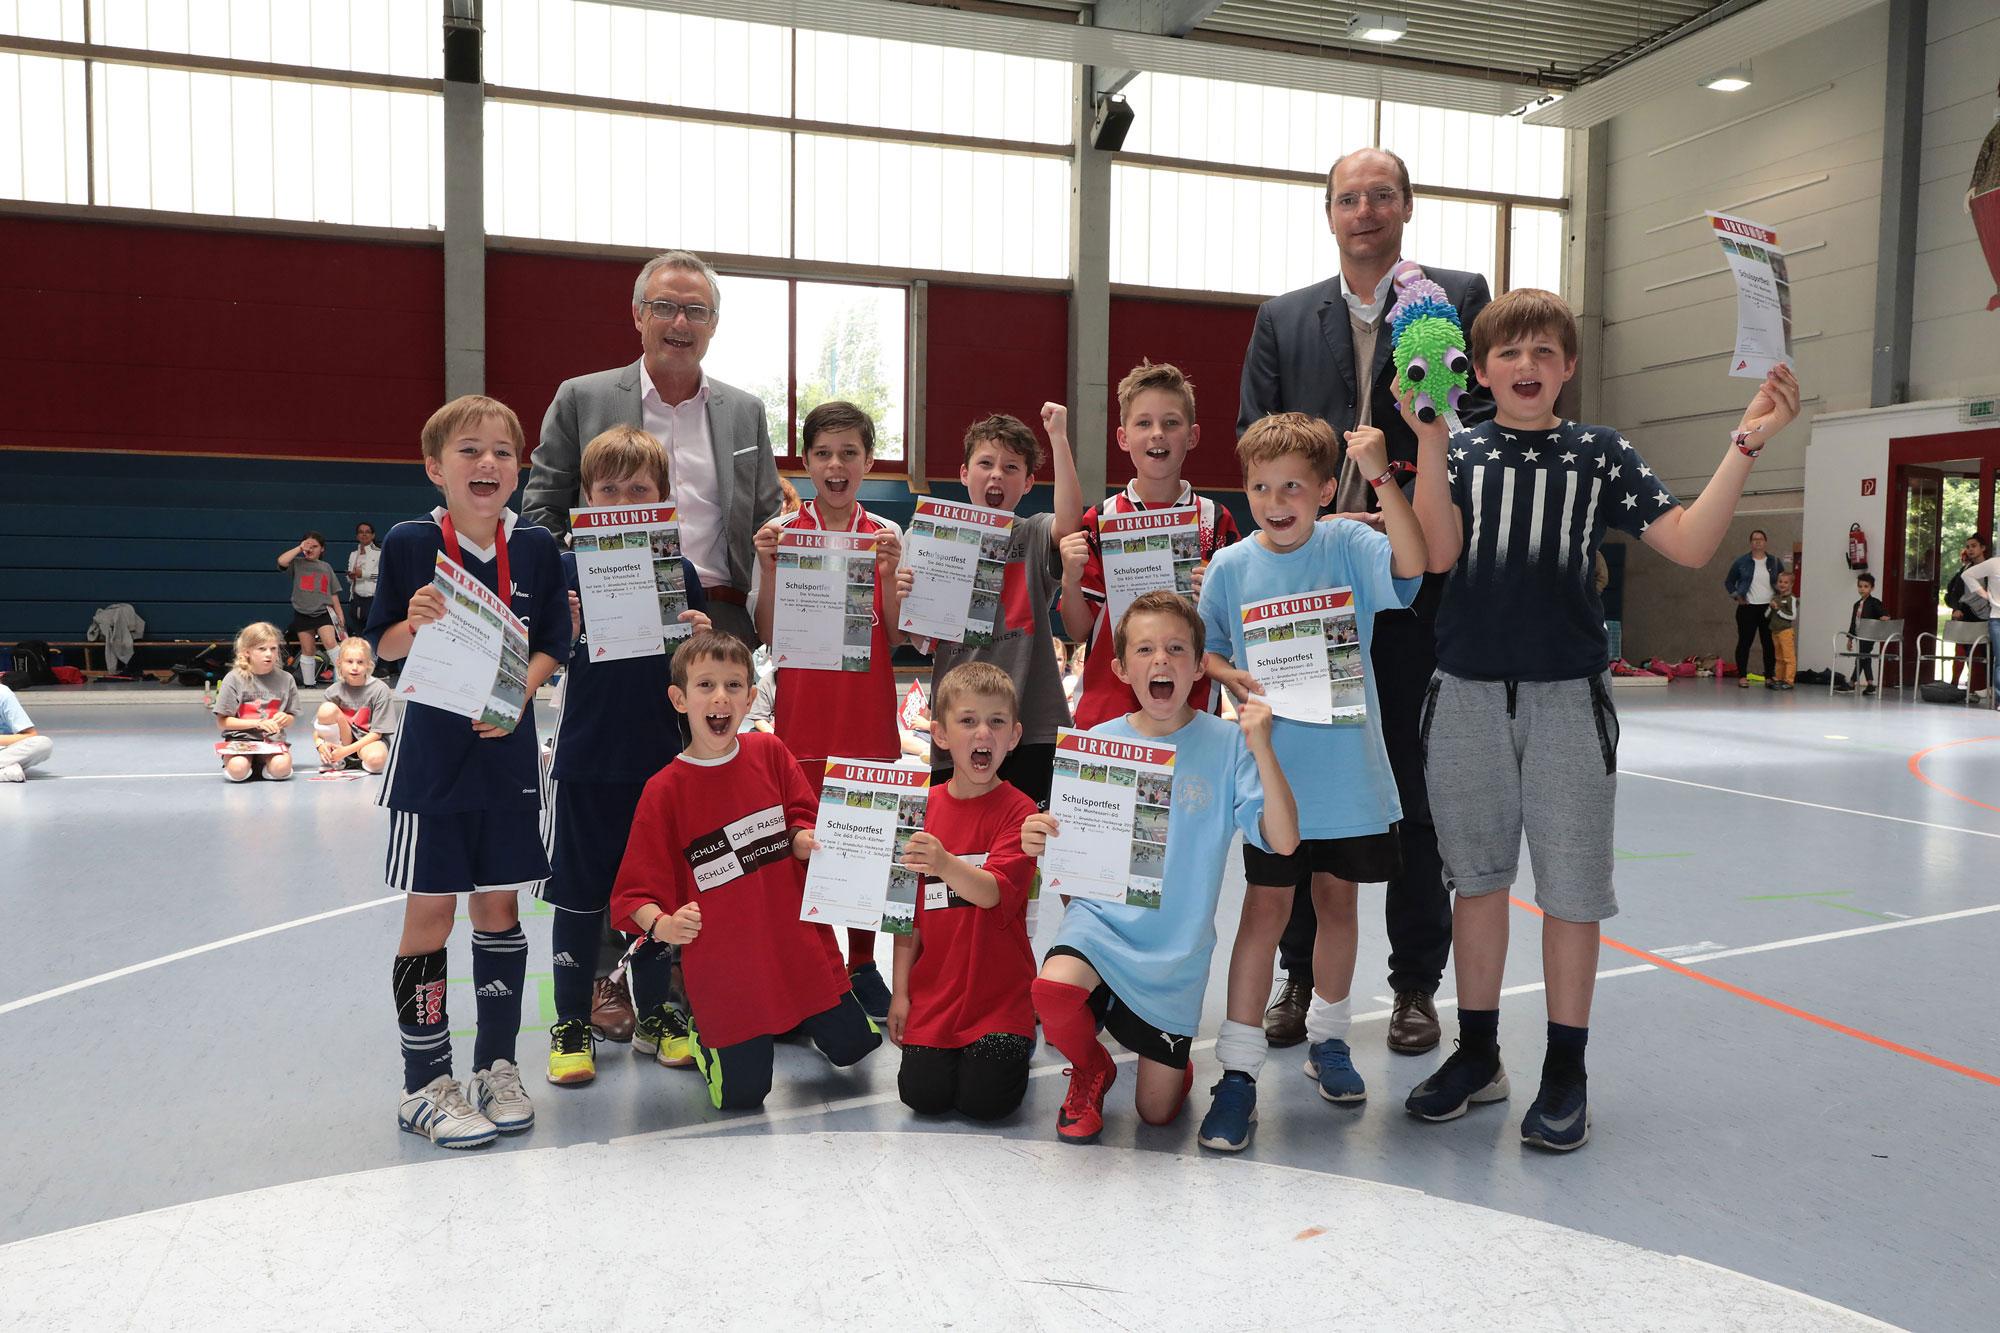 Die Mannschaftskapitäne der teilnehmenden Schulen mit Harald Weuthen (Fachbereichsleiter Schule und Sport, links) und Florian Kunz (Vorsitzender GHTC). (Foto: Stadt Mönchengladbach)